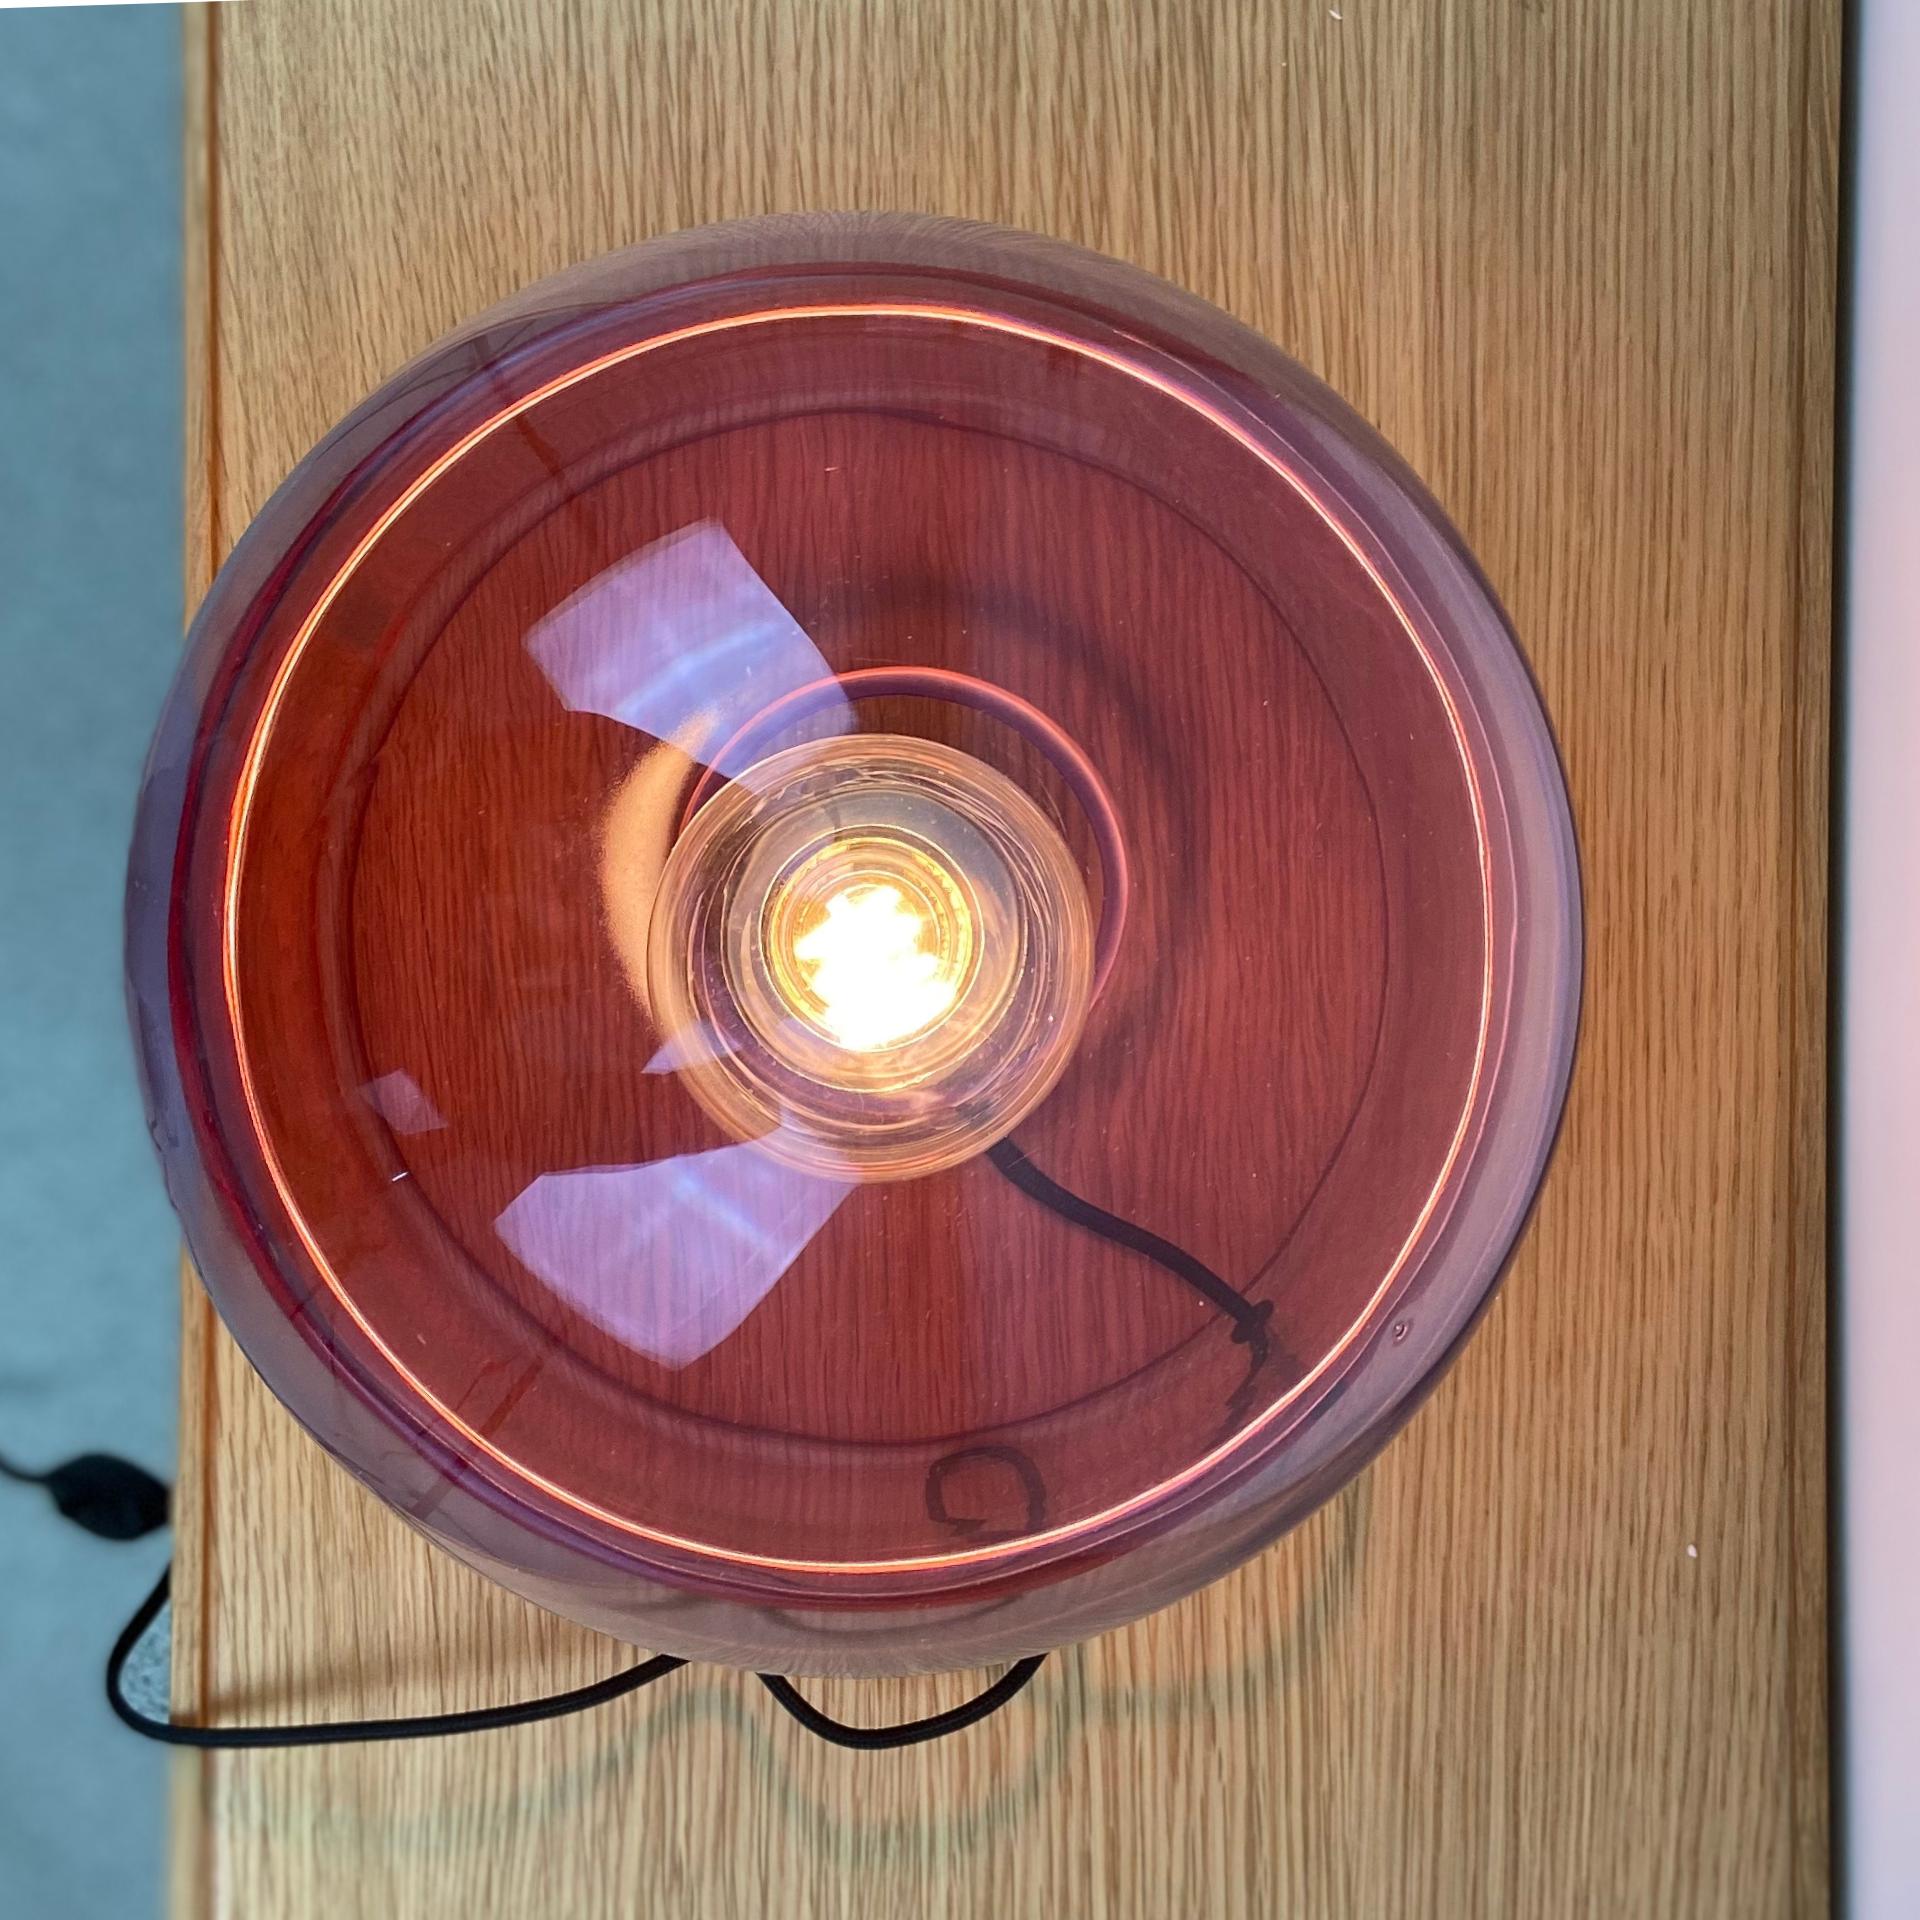 Hubsch Tafellamp 990909 ø27 x 29 cm E27/40W Blauw/Roze